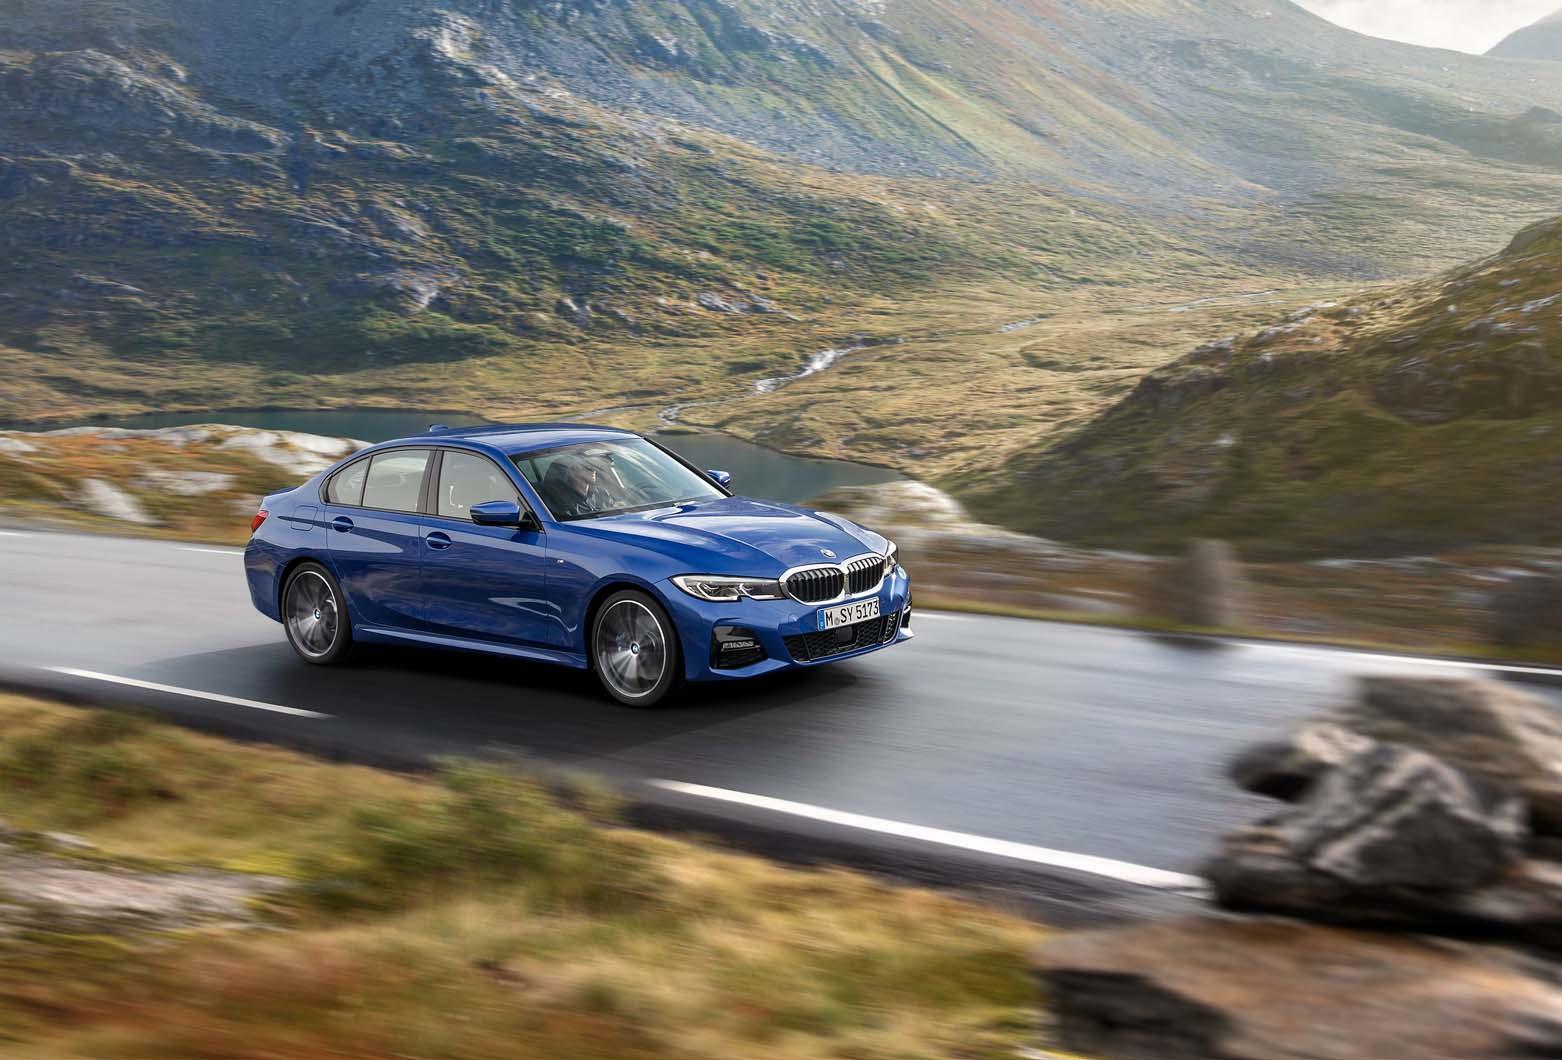 BMW-Serie-3--G20-une-nouvelle-generation-plus-sportive-et-mieux-equipee-8.jpg